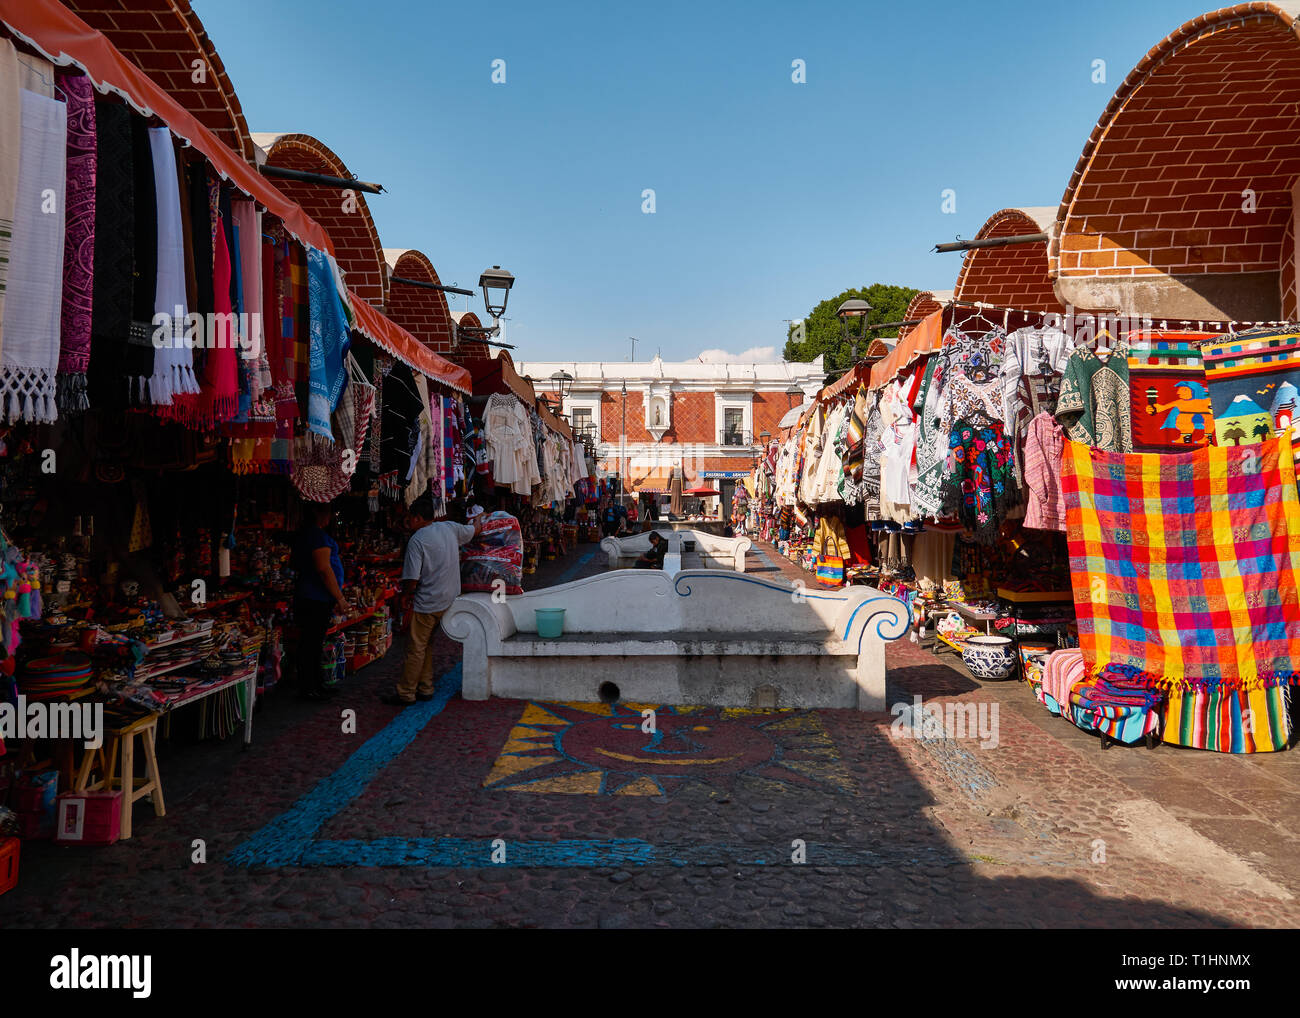 Touristische und typische Produkte im historischen Mexikanischen Handwerkermarkt El Parian, Avenida 6 Oriente, Puebla, Mexiko Stockbild